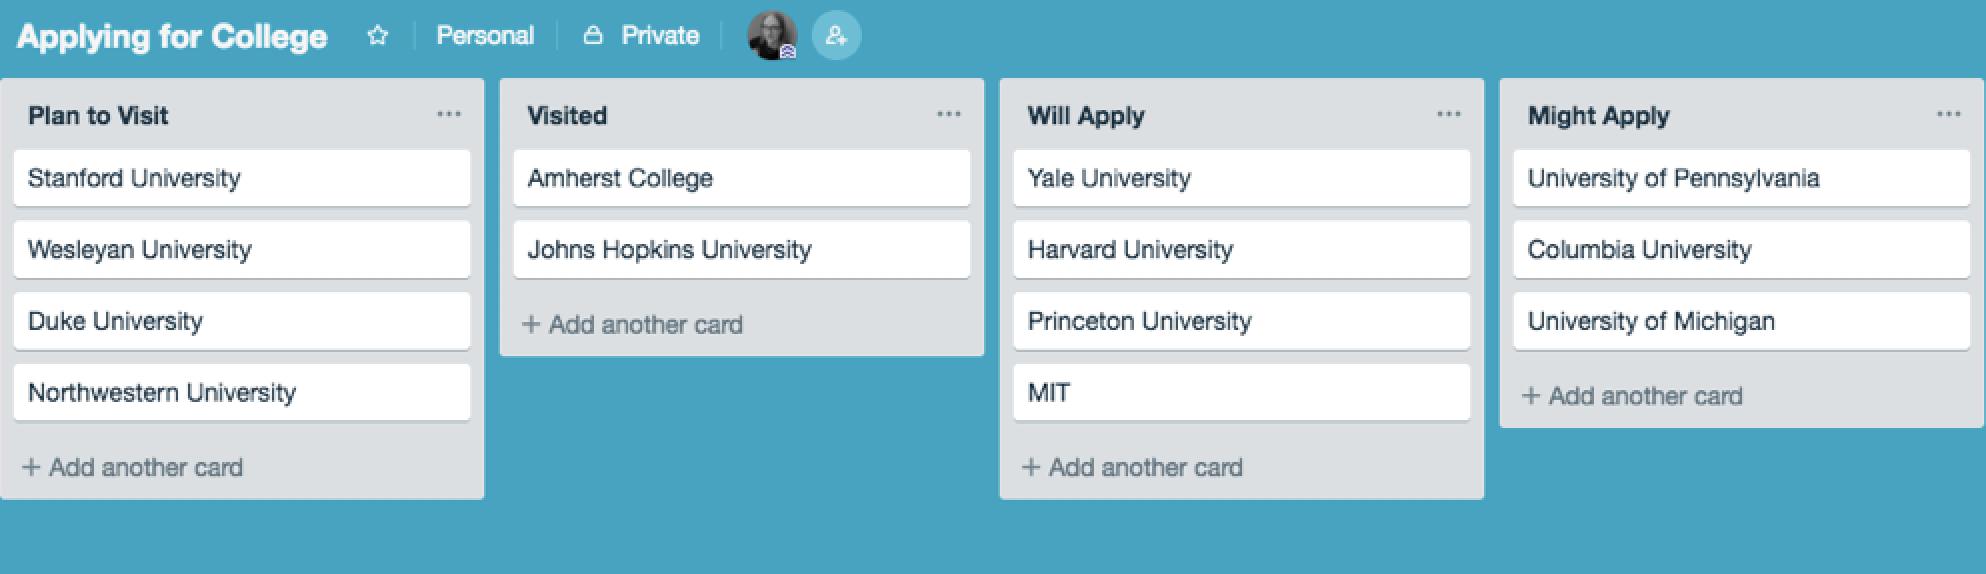 Trello college application board